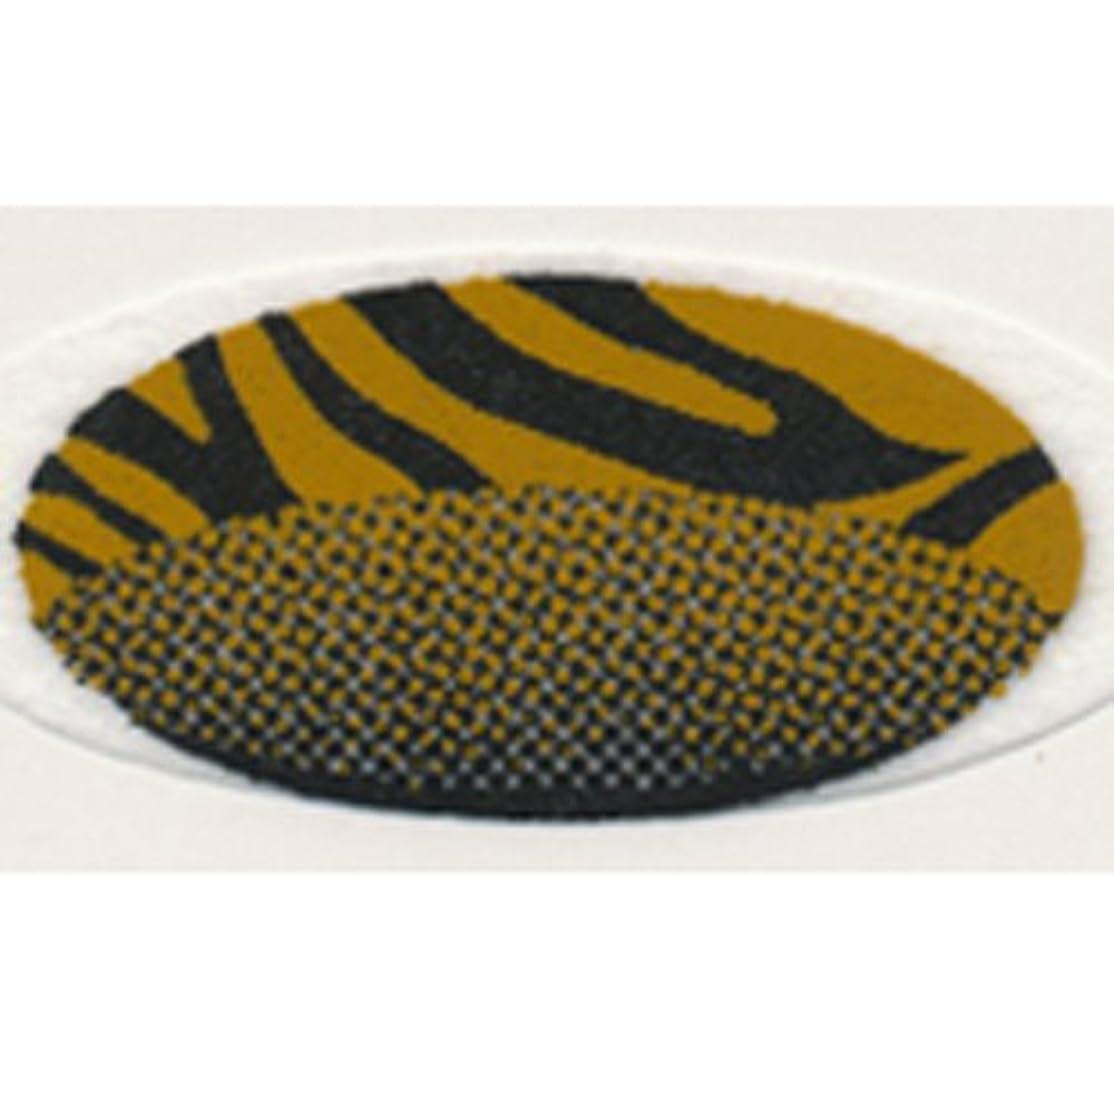 証拠生まれアライメントハリウッドメイク インスタントアイシャドー カラーオン Tiger Zebra [CC048]